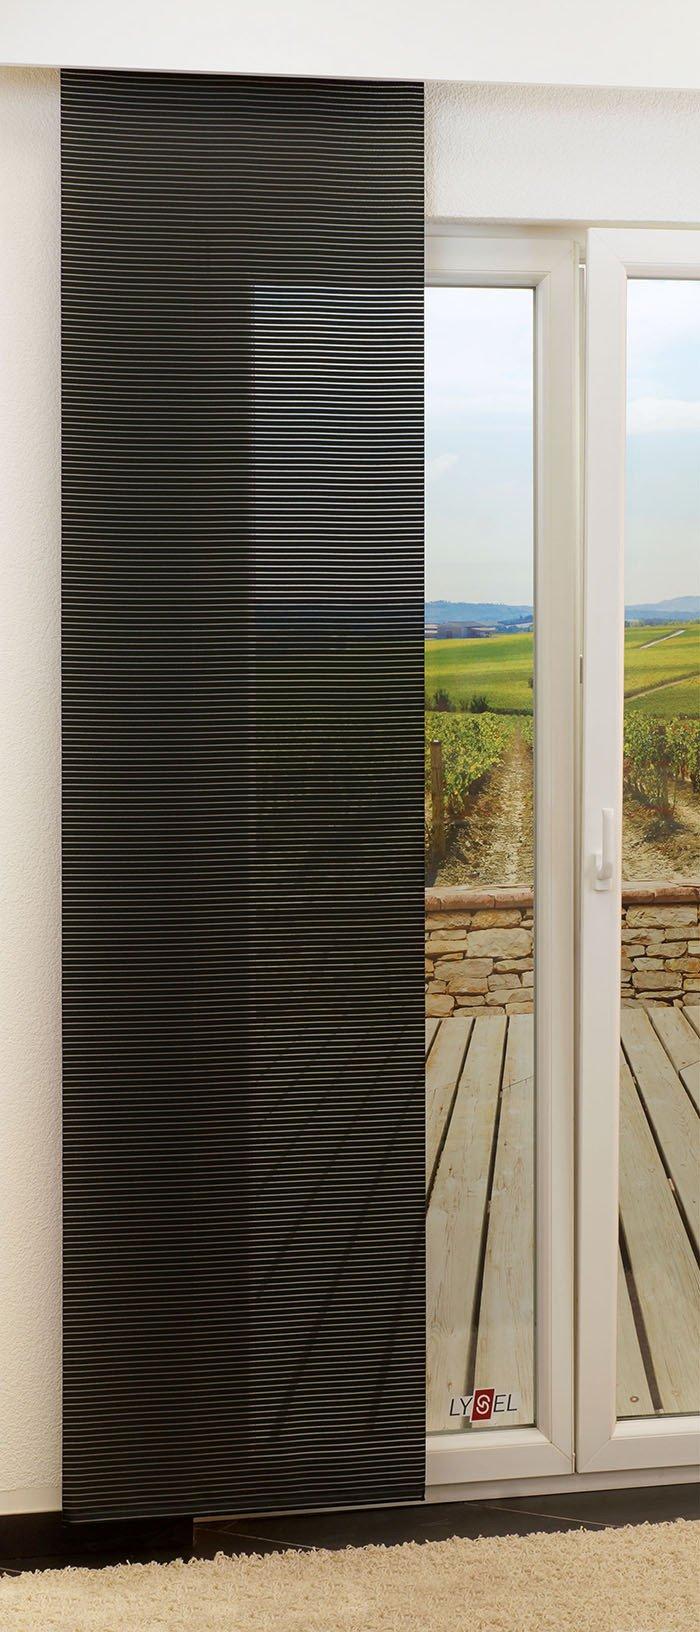 lysel schiebegardinen groom schwarz breite 60 x h he 245 cm ebay. Black Bedroom Furniture Sets. Home Design Ideas